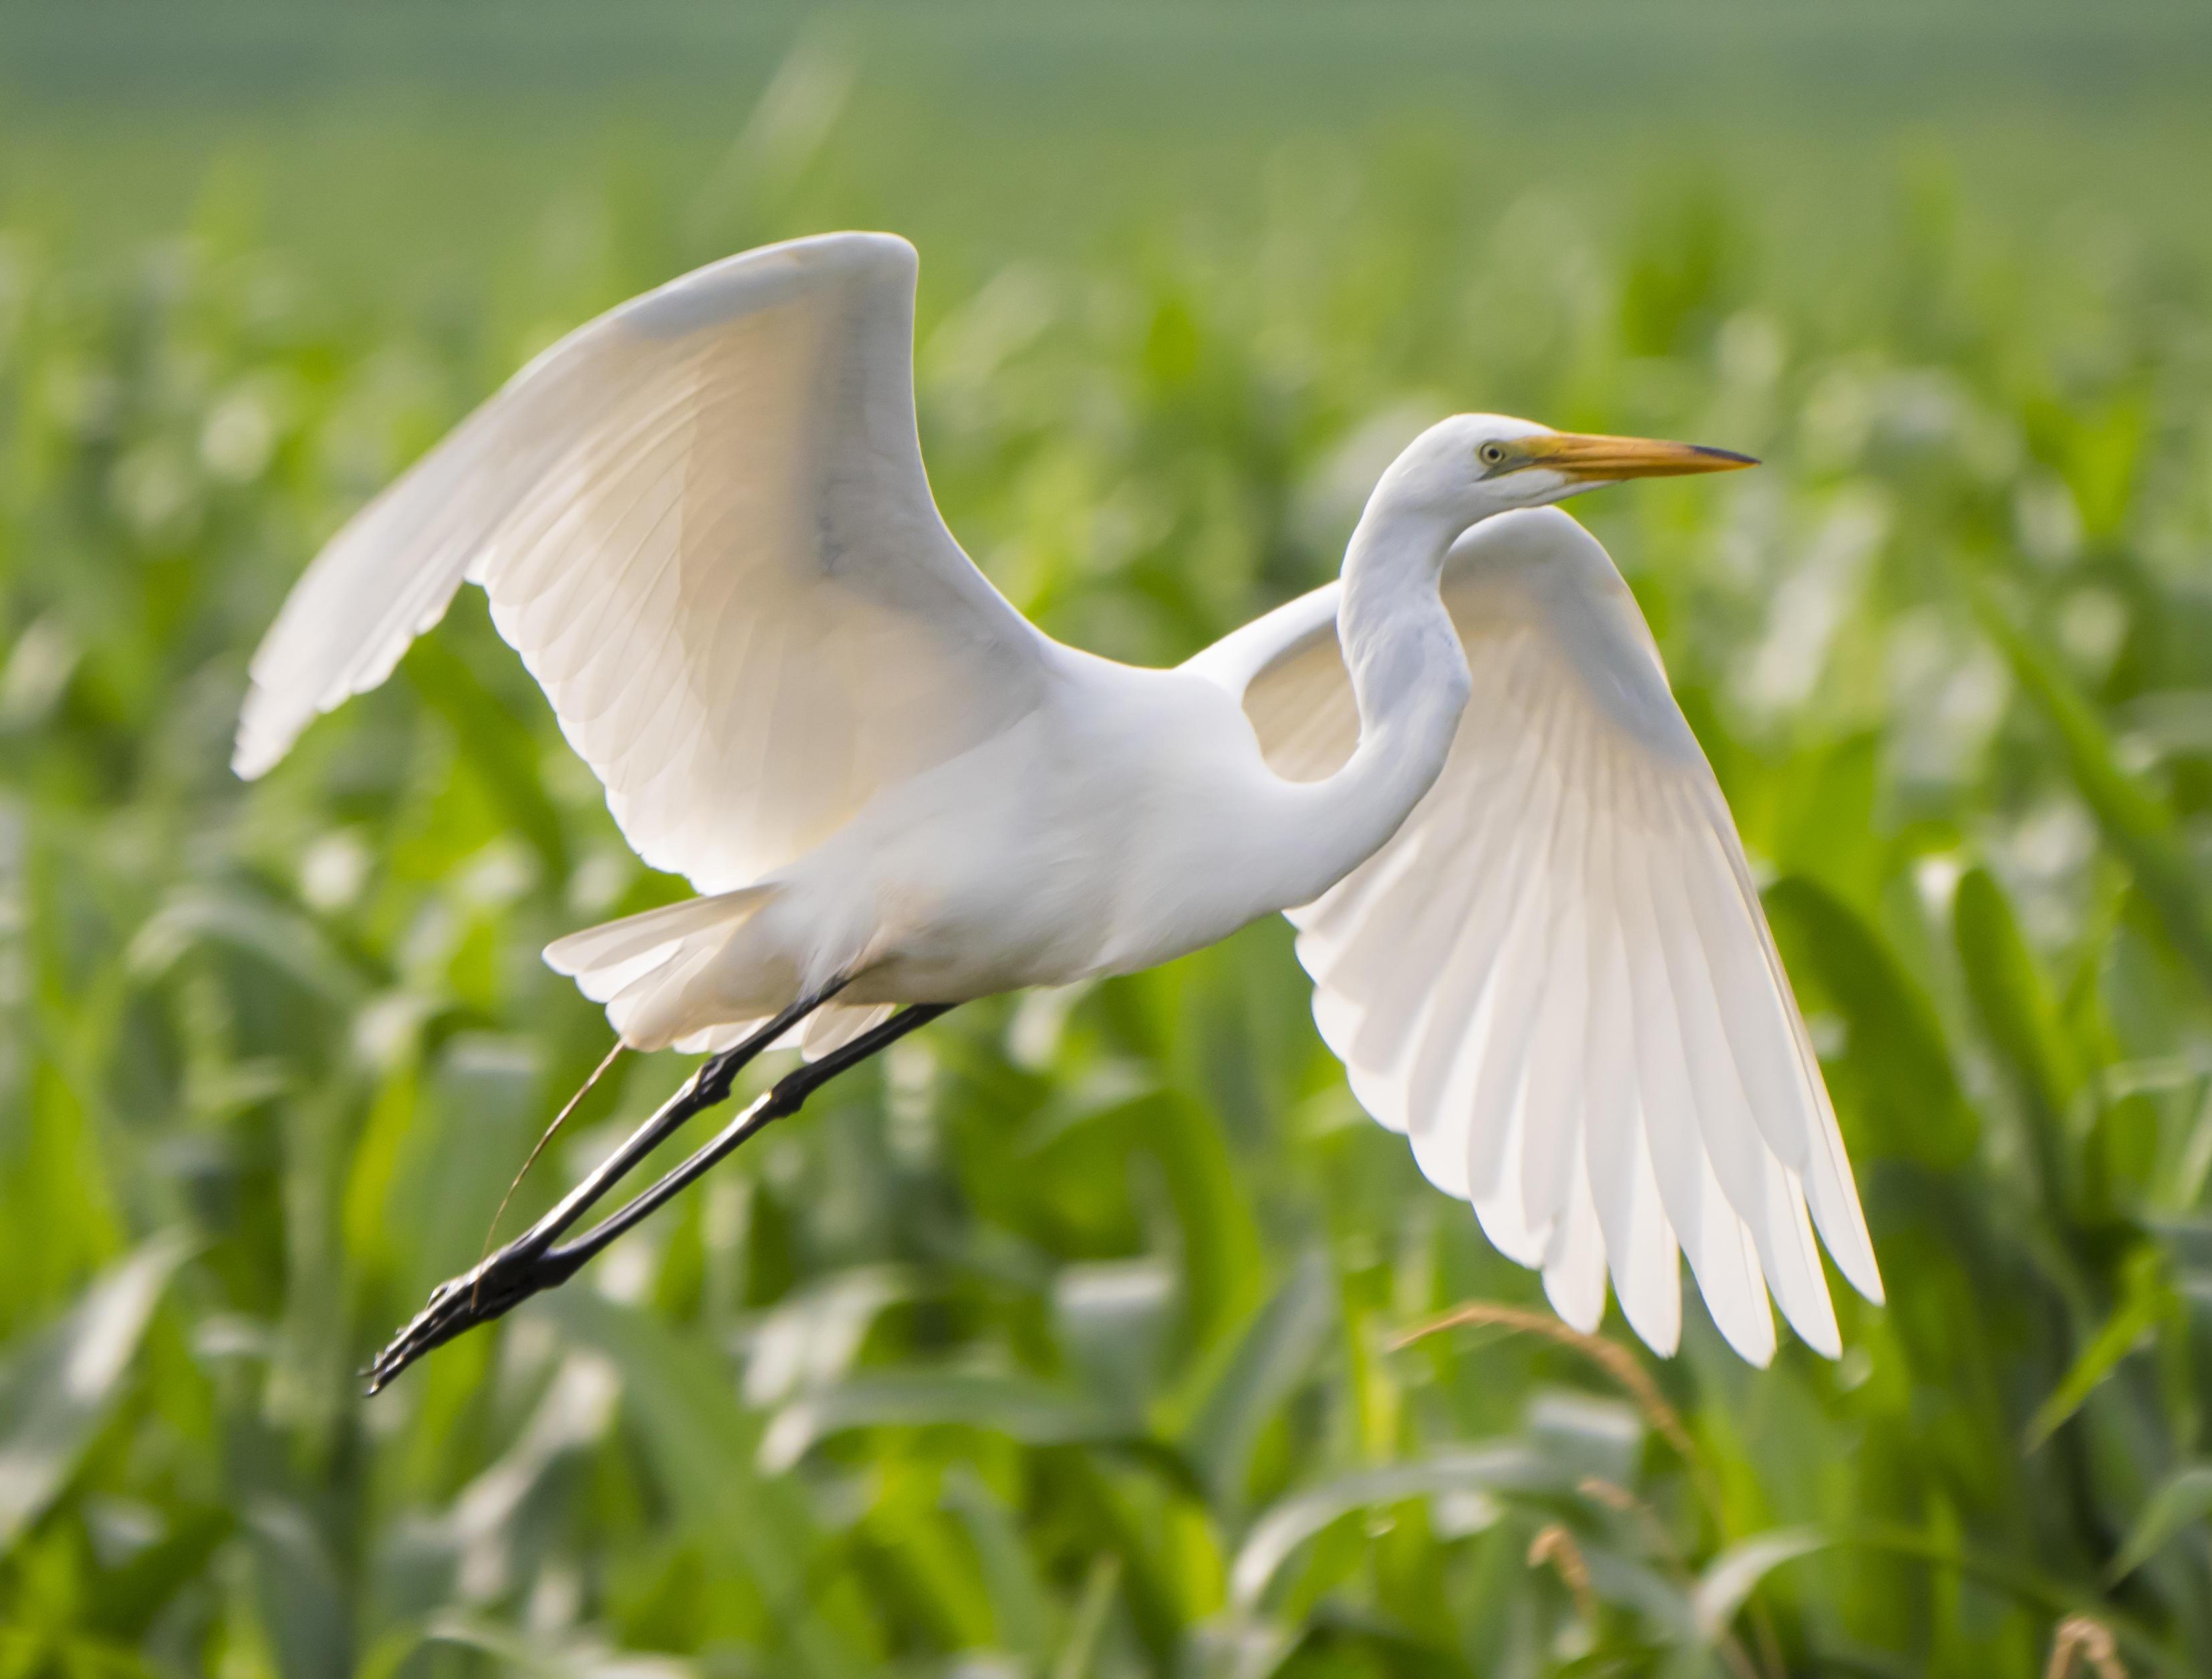 Great Egret. Photo: Gregory Seitz / Audubon Photography Awards